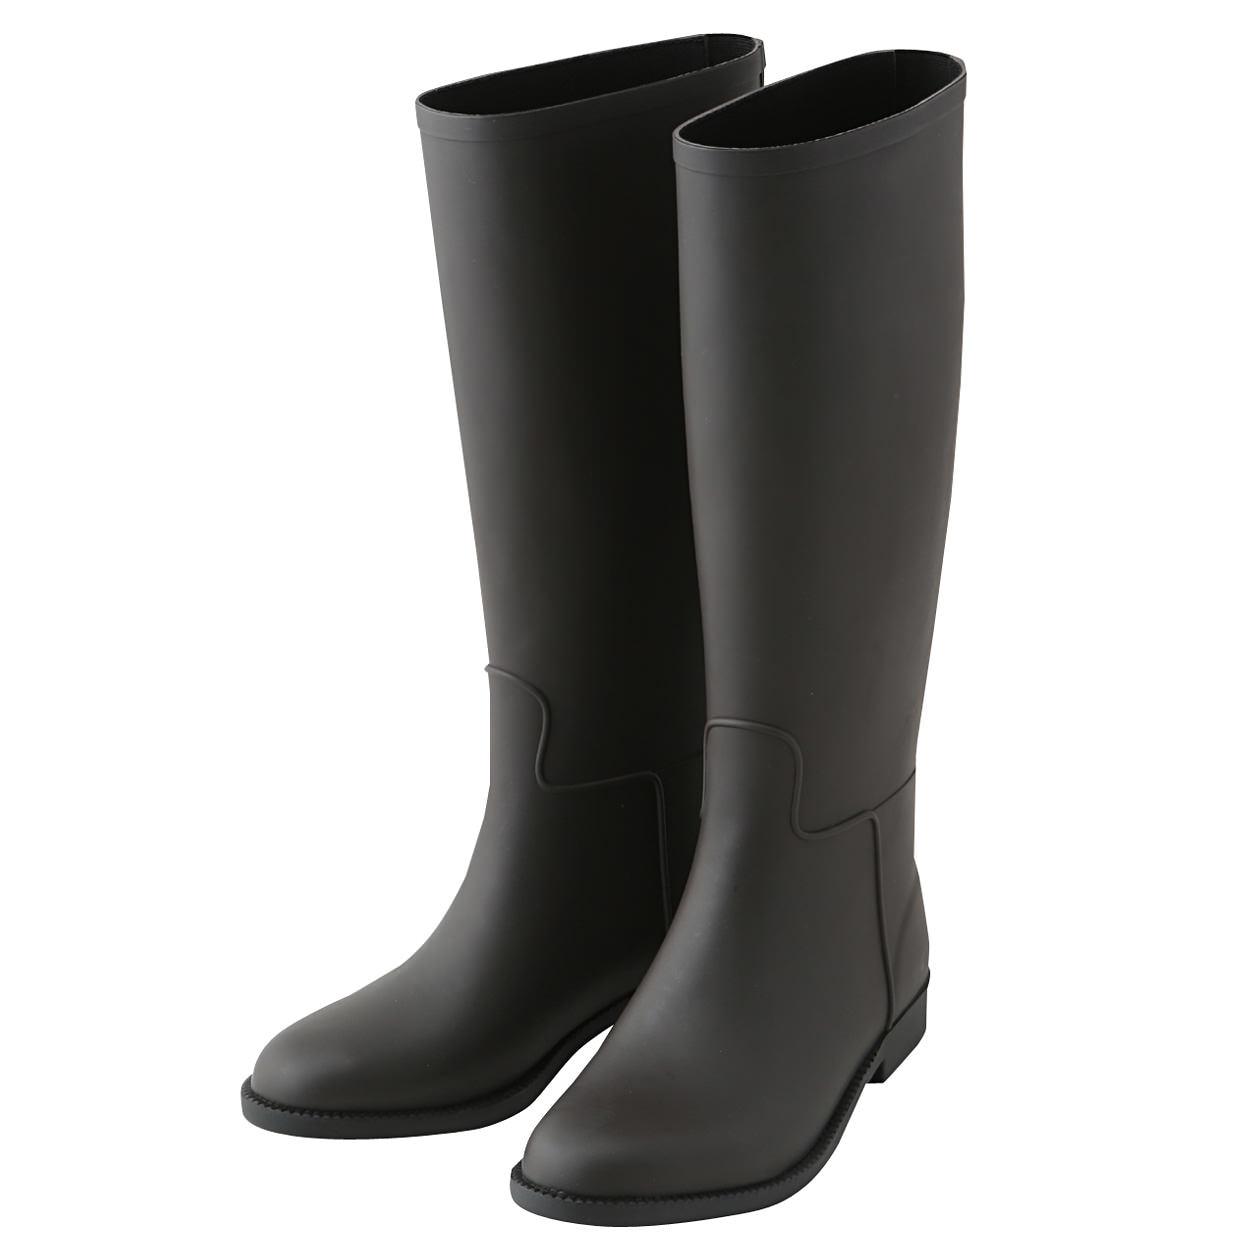 次にご紹介する商品は紳士用のレインブーツ。これは紳士サイズのM〜LLまであります。カタチはサイドゴアブーツのような側面と後の長めのベロが脱ぎ履きしやすくなっ  ...